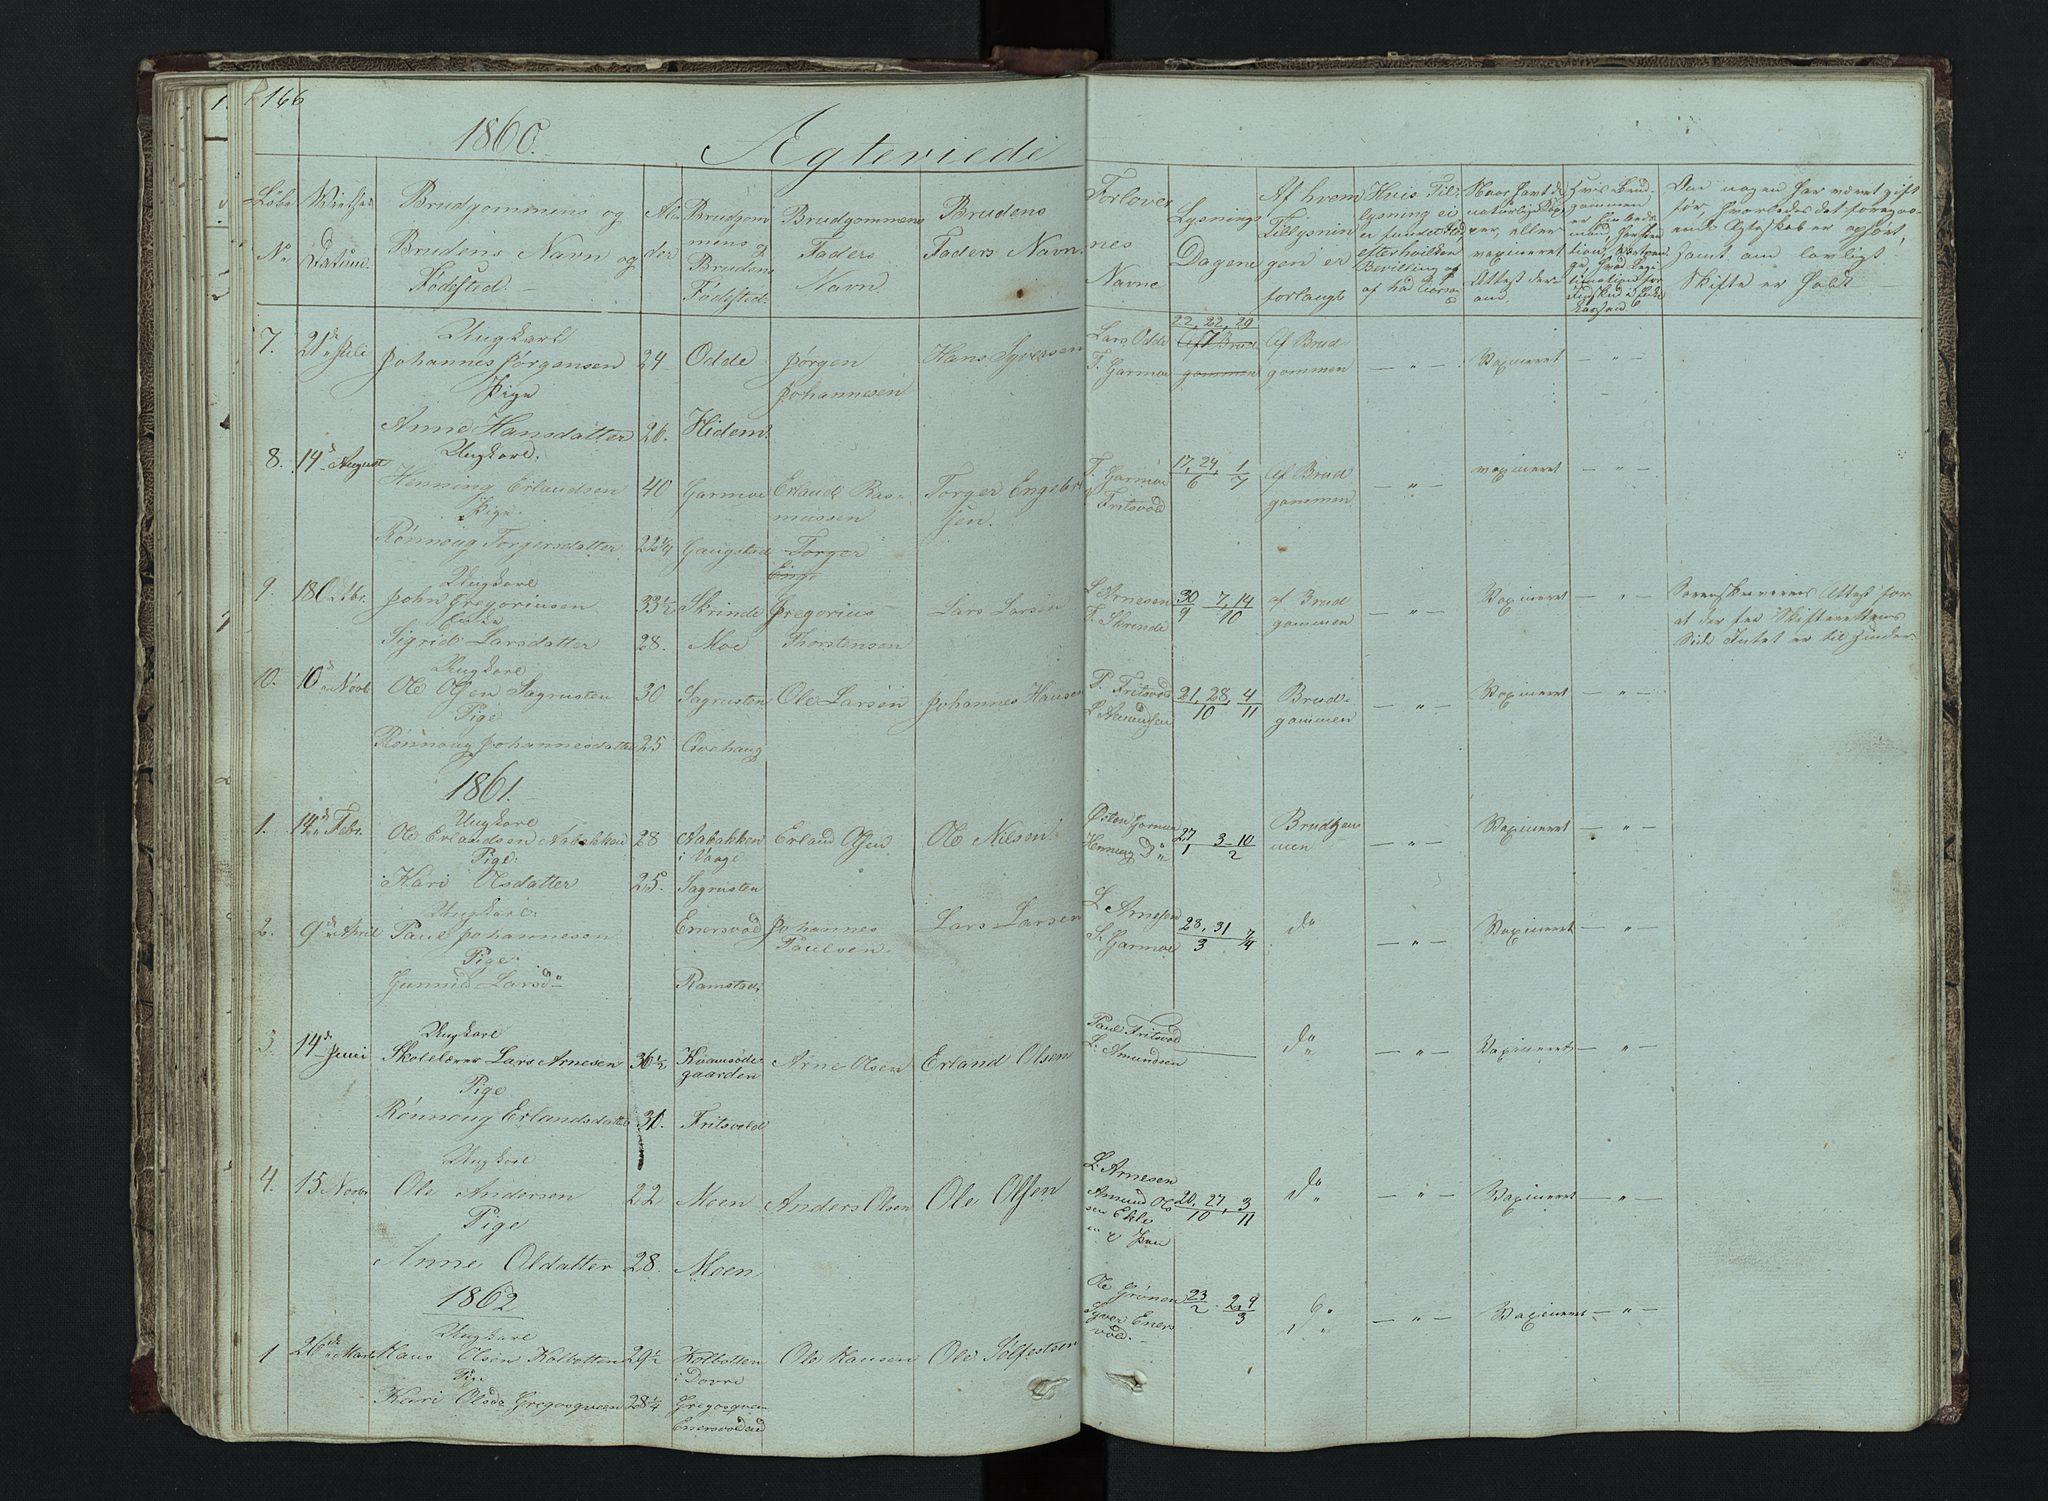 SAH, Lom prestekontor, L/L0014: Klokkerbok nr. 14, 1845-1876, s. 166-167